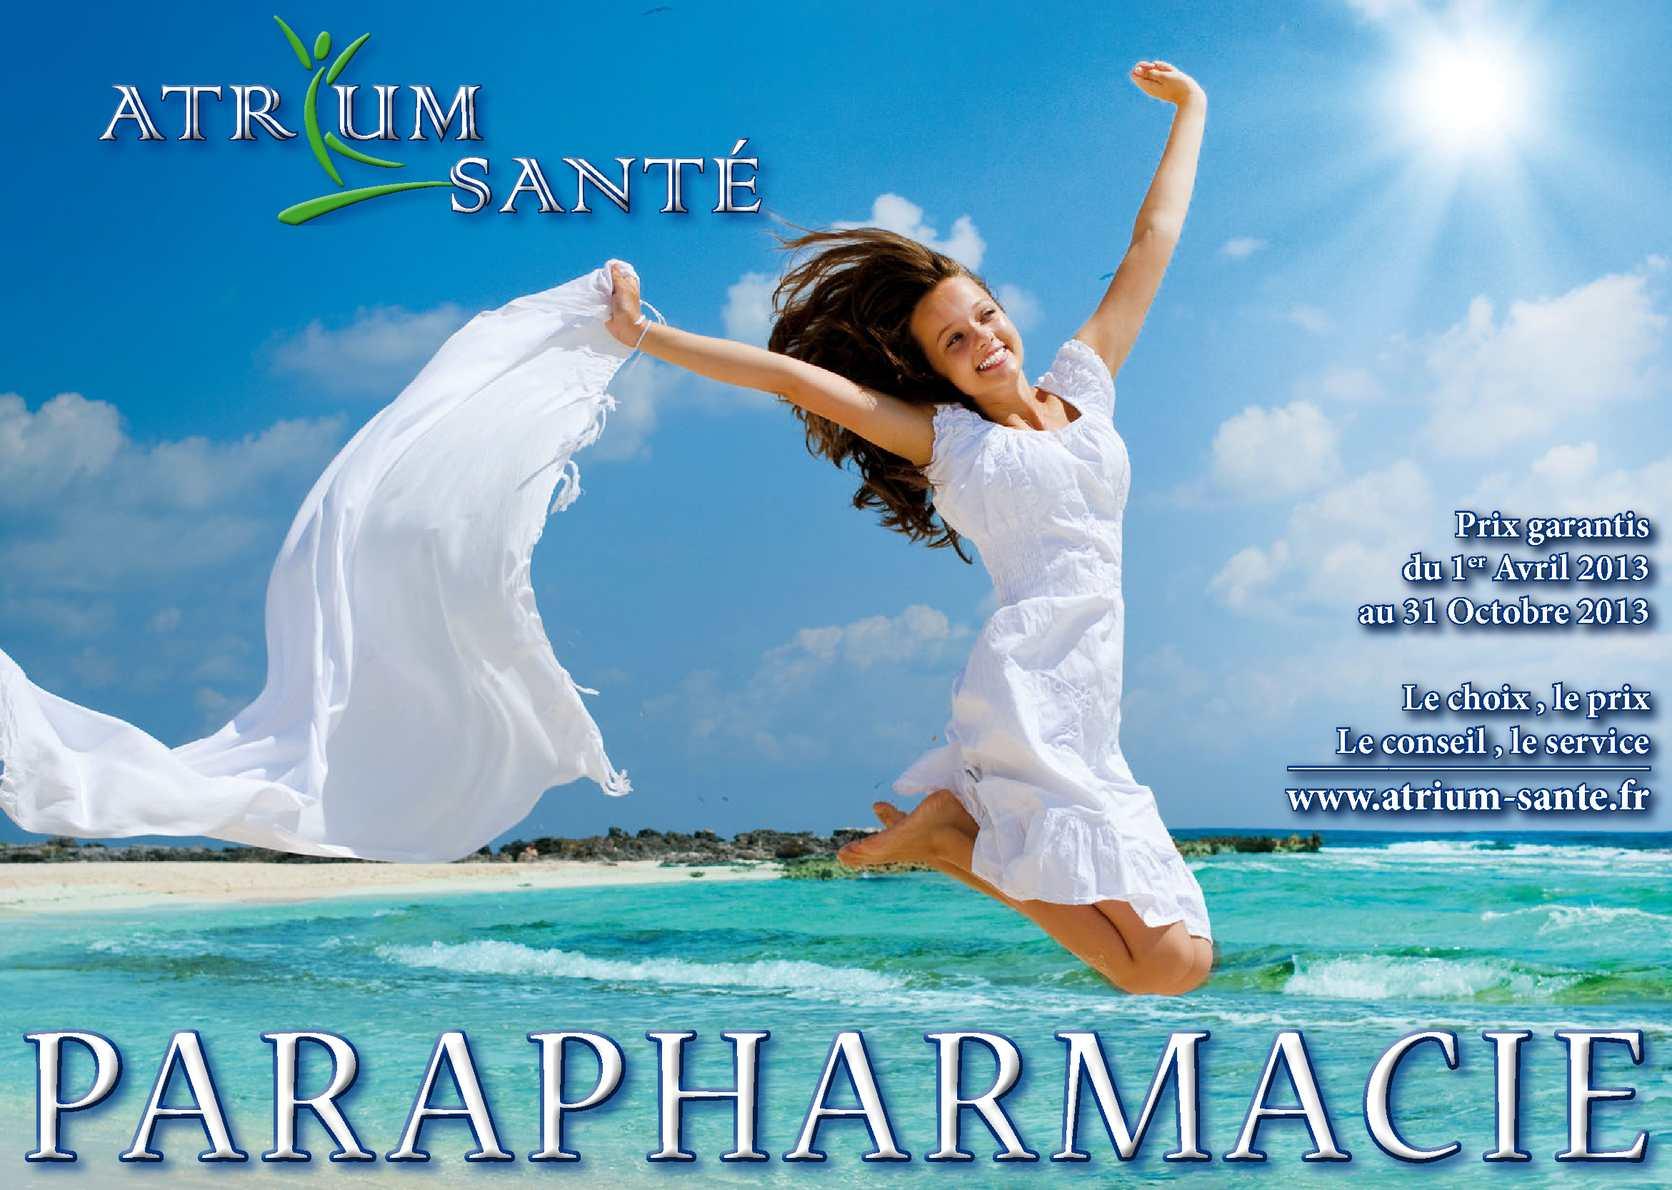 Calaméo - Catalogue parapharmacie 2013 - Printemps   Eté 62833361721